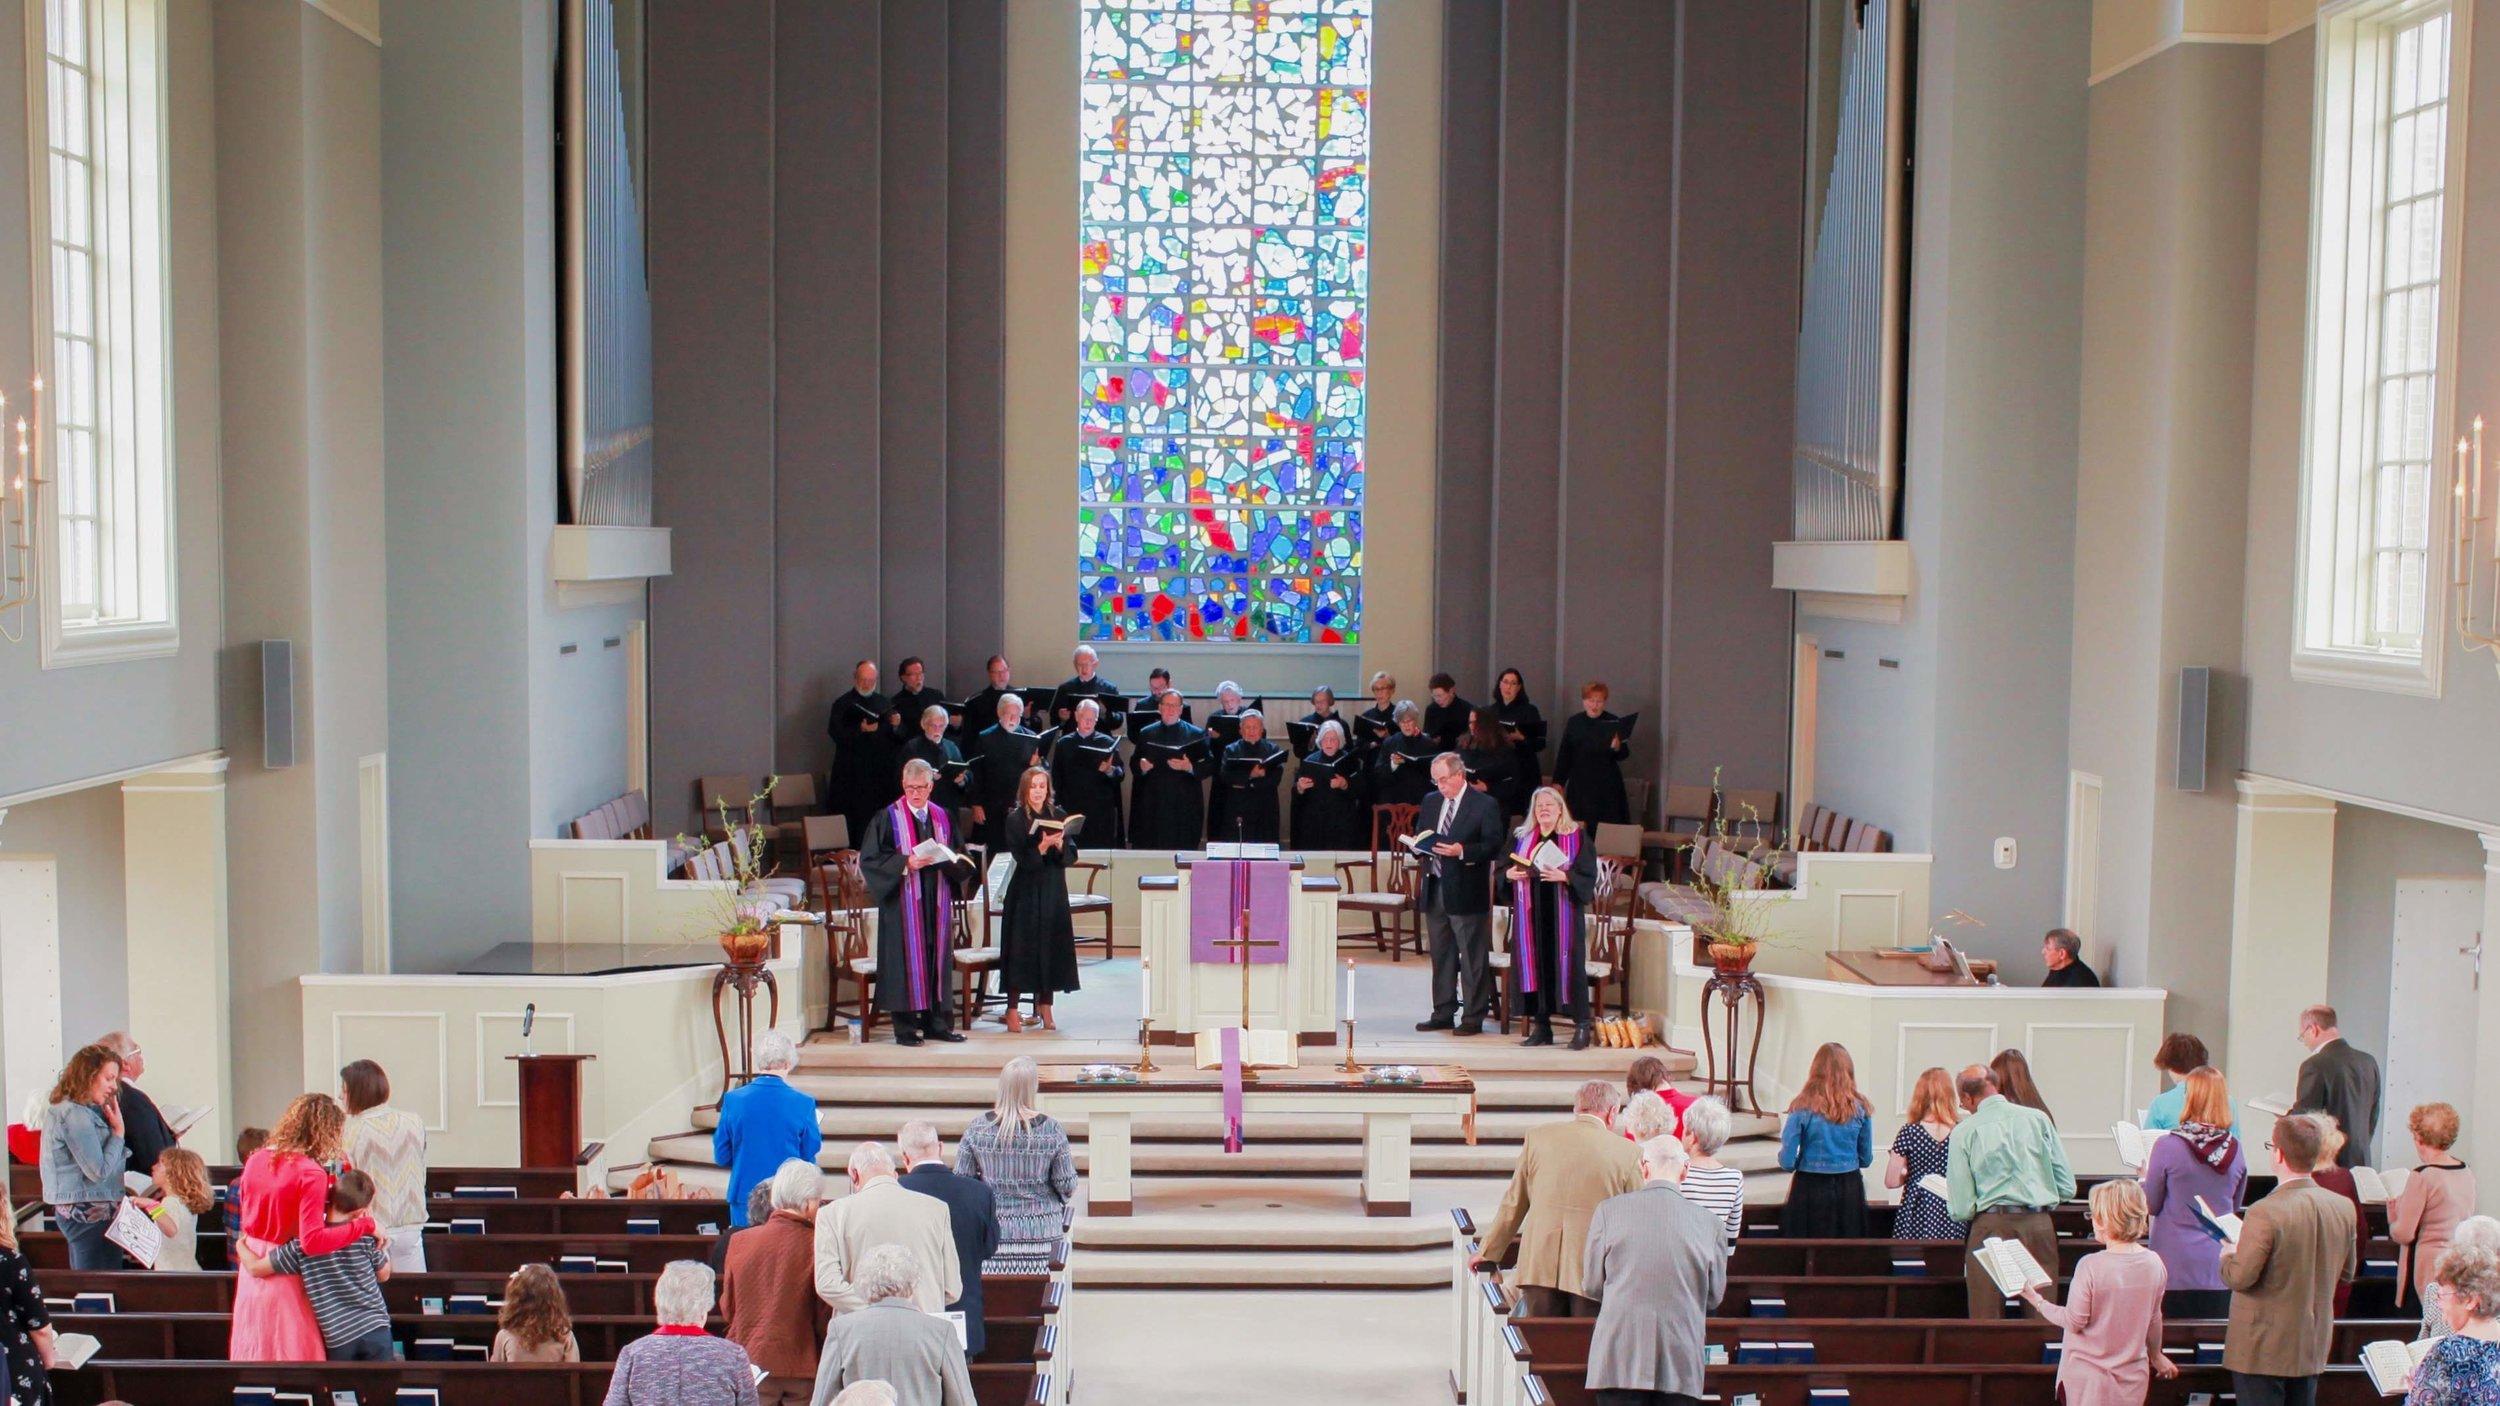 Worship during Lent